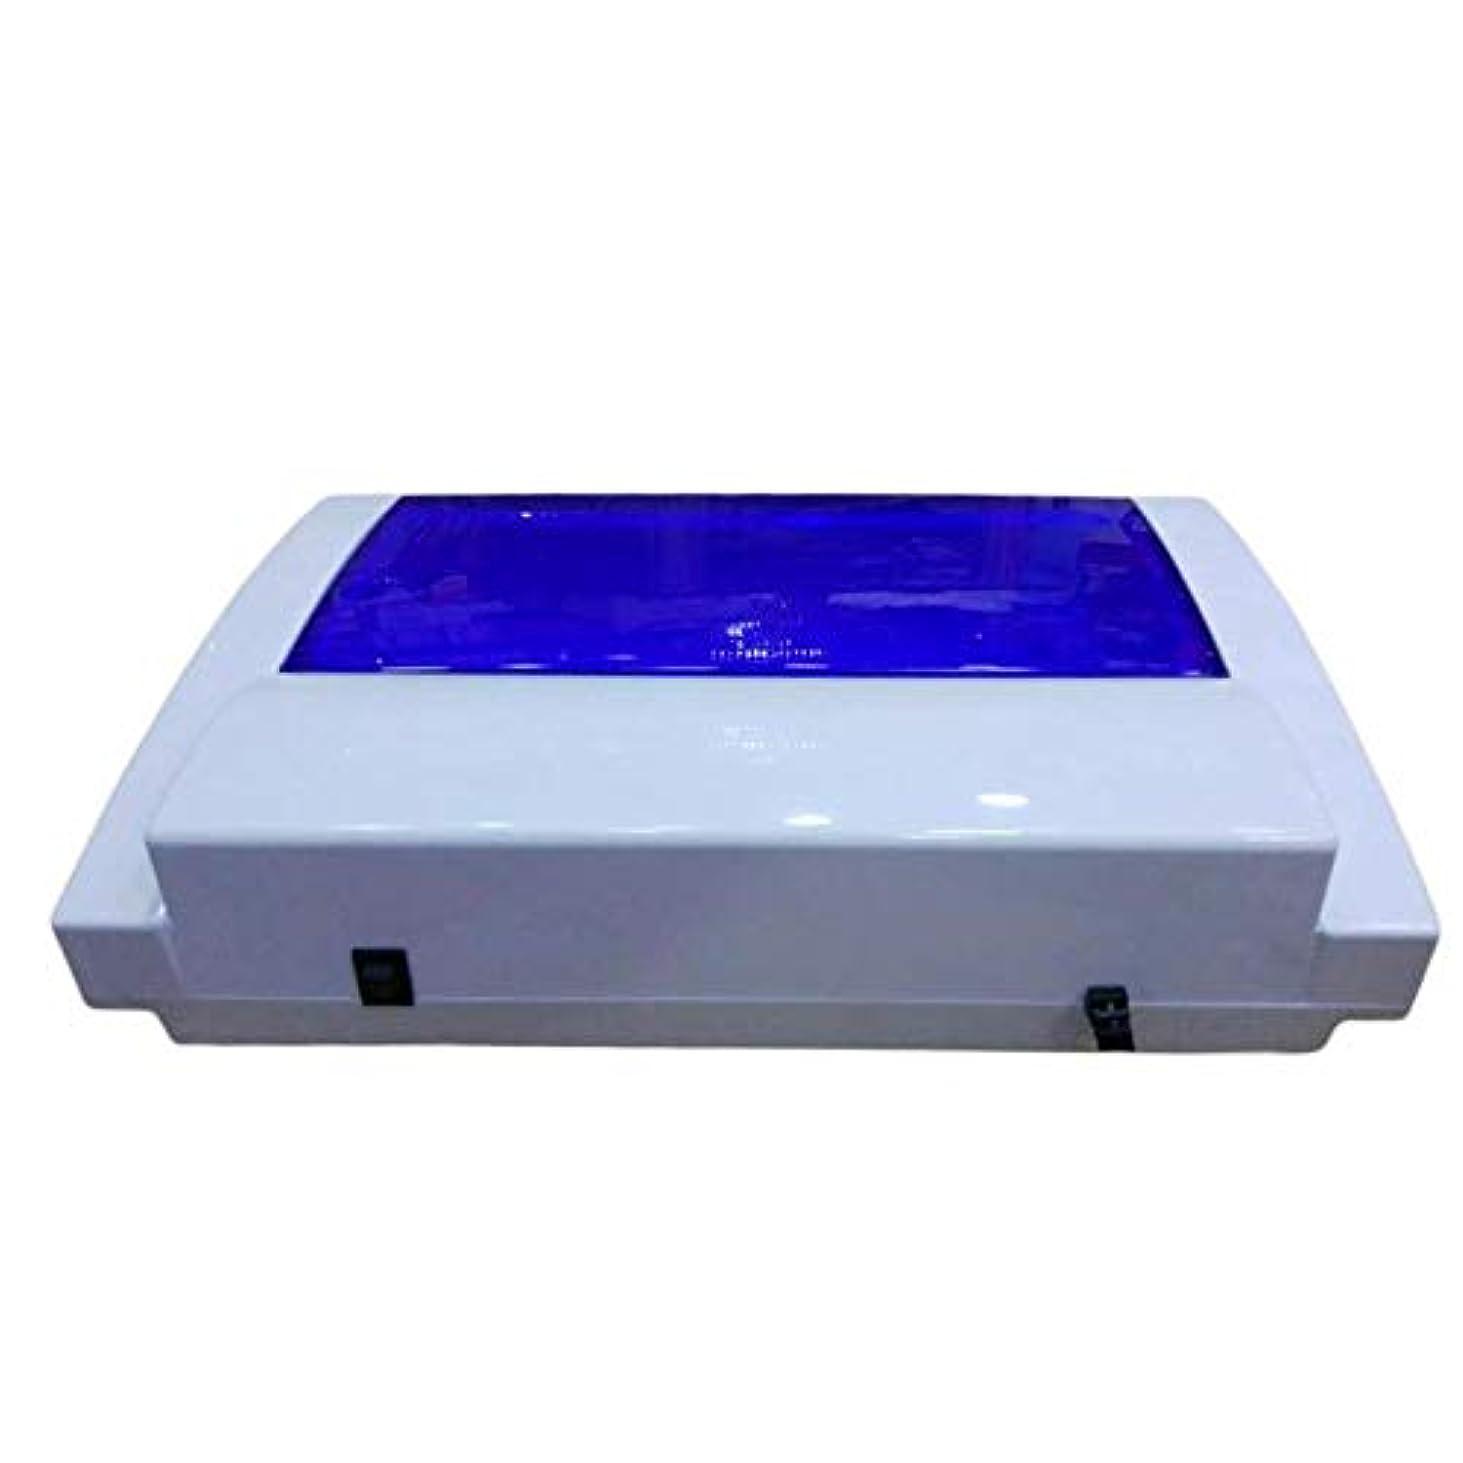 イヤホンリビングルーム雷雨ネイル殺菌装置UV消毒キャビネット高温ドライヤーネイルマニキュアサロンツール治療消毒機